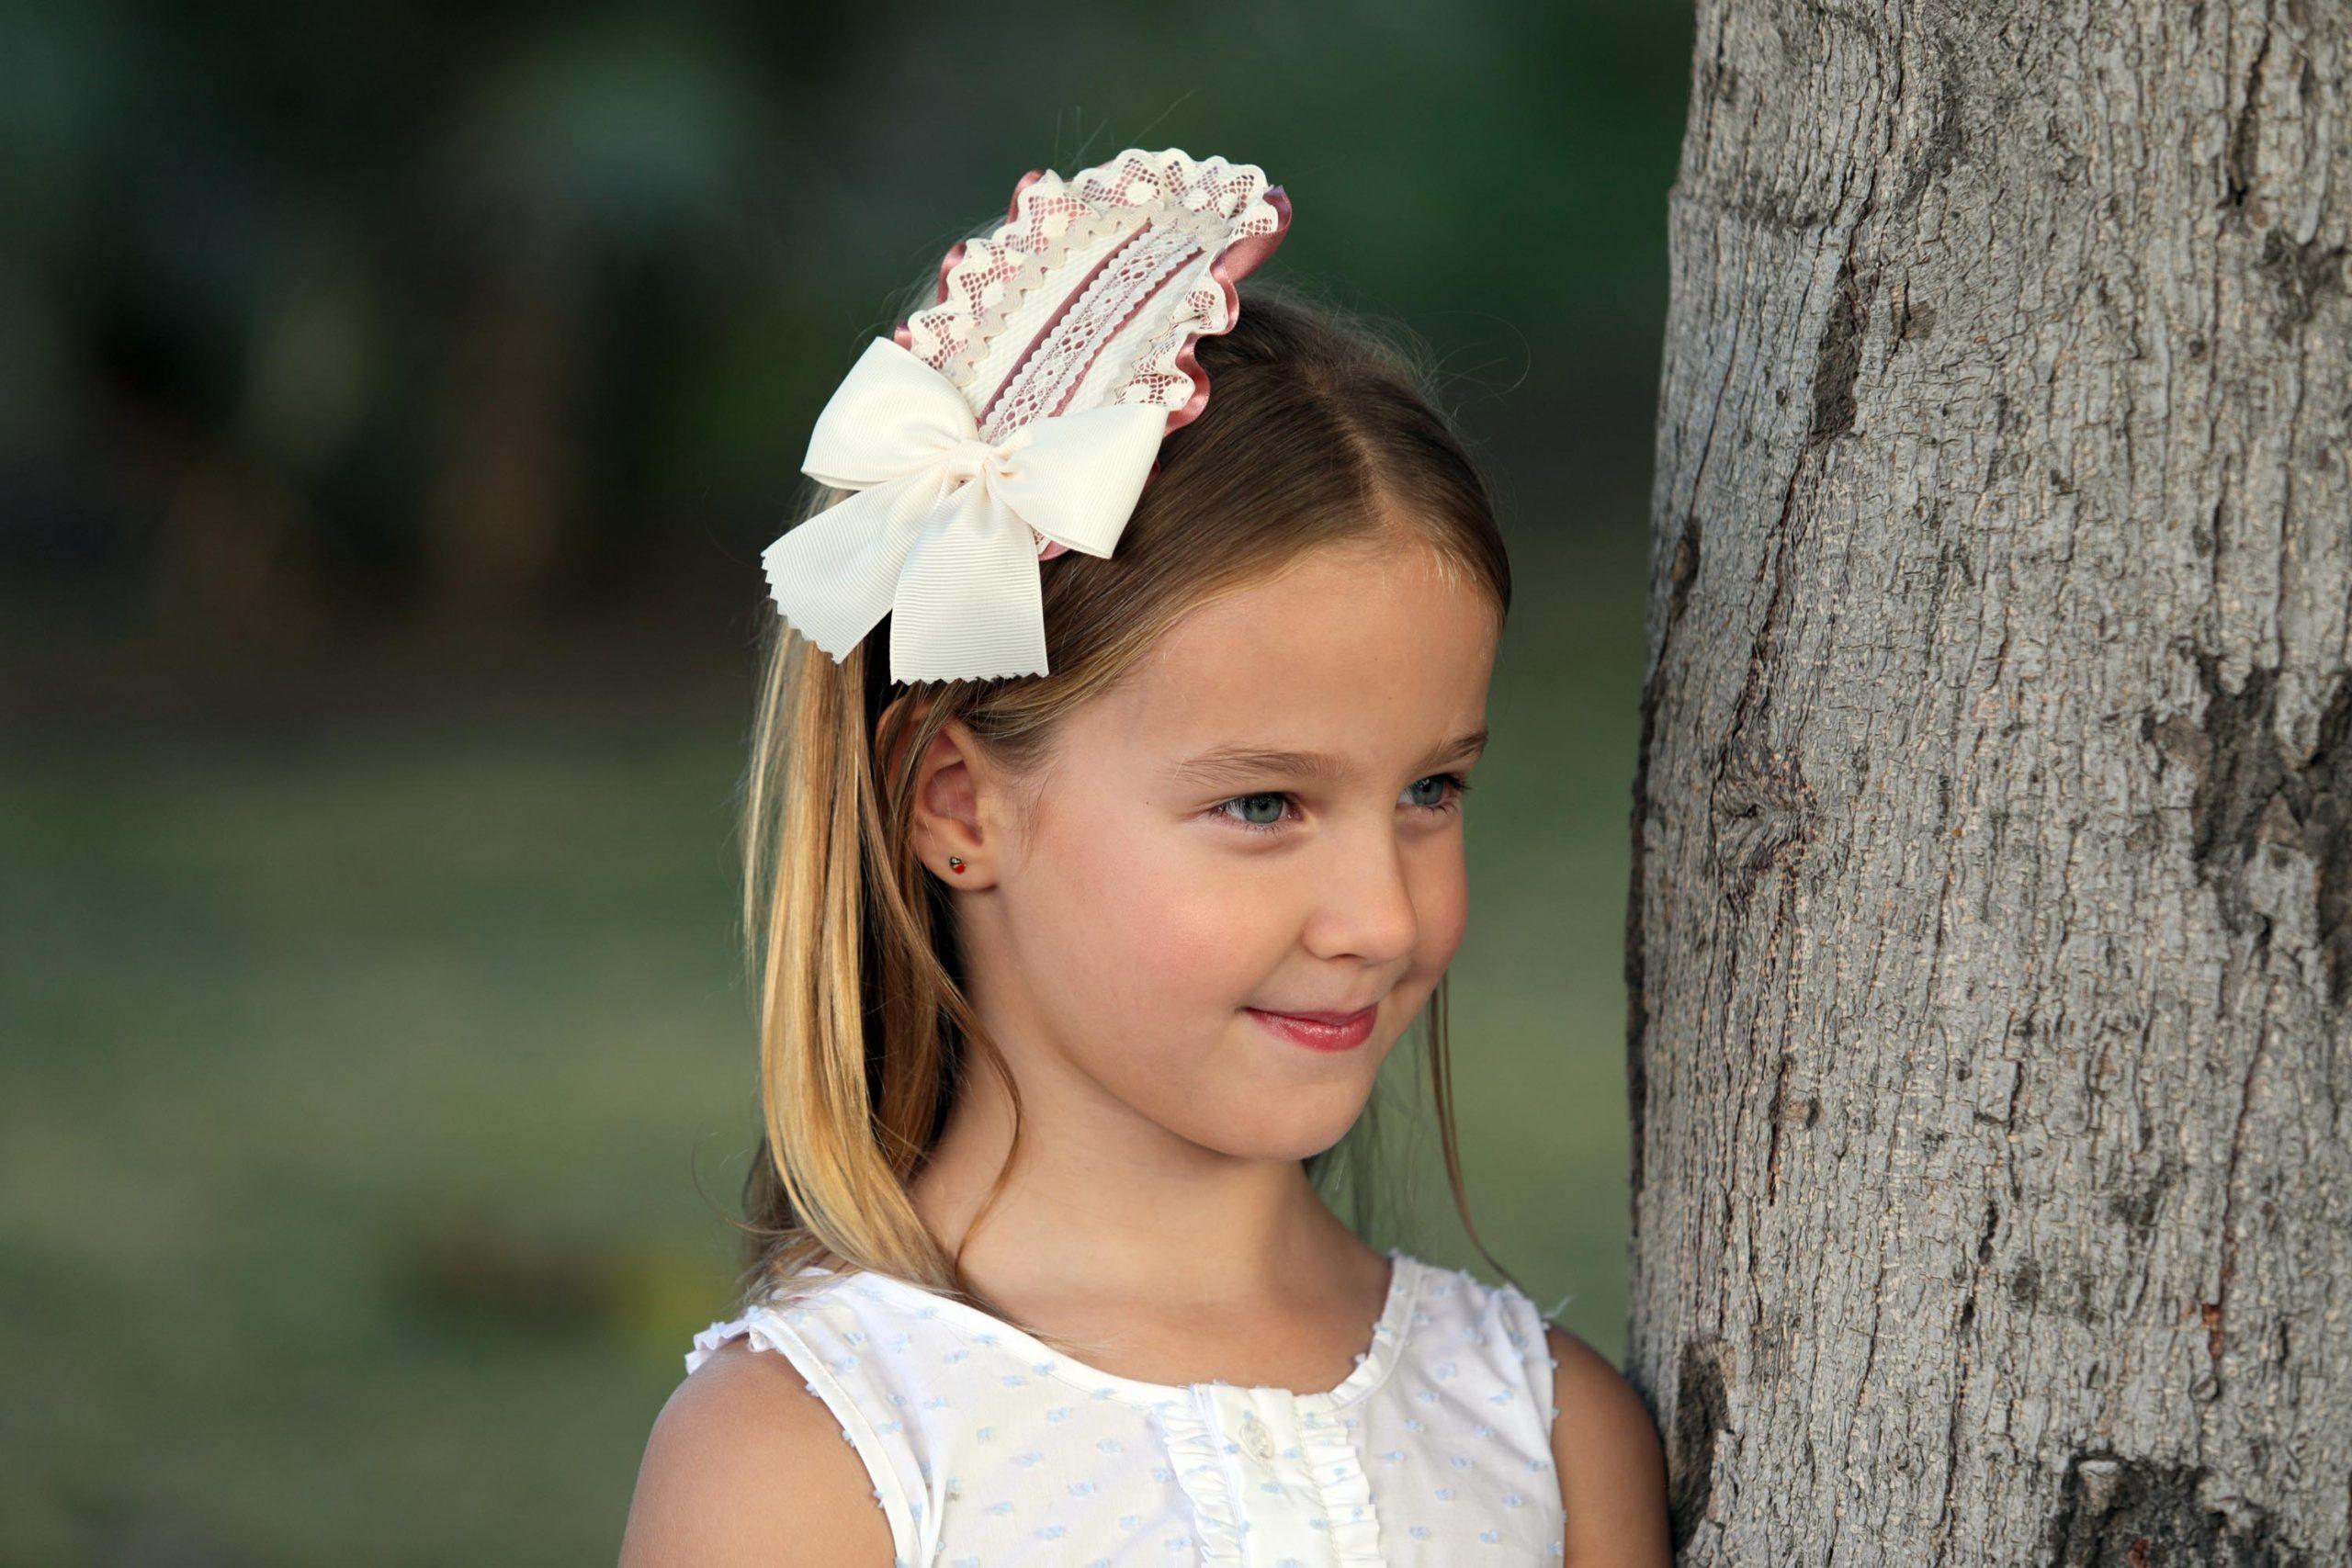 fotografia infantil malaga 3